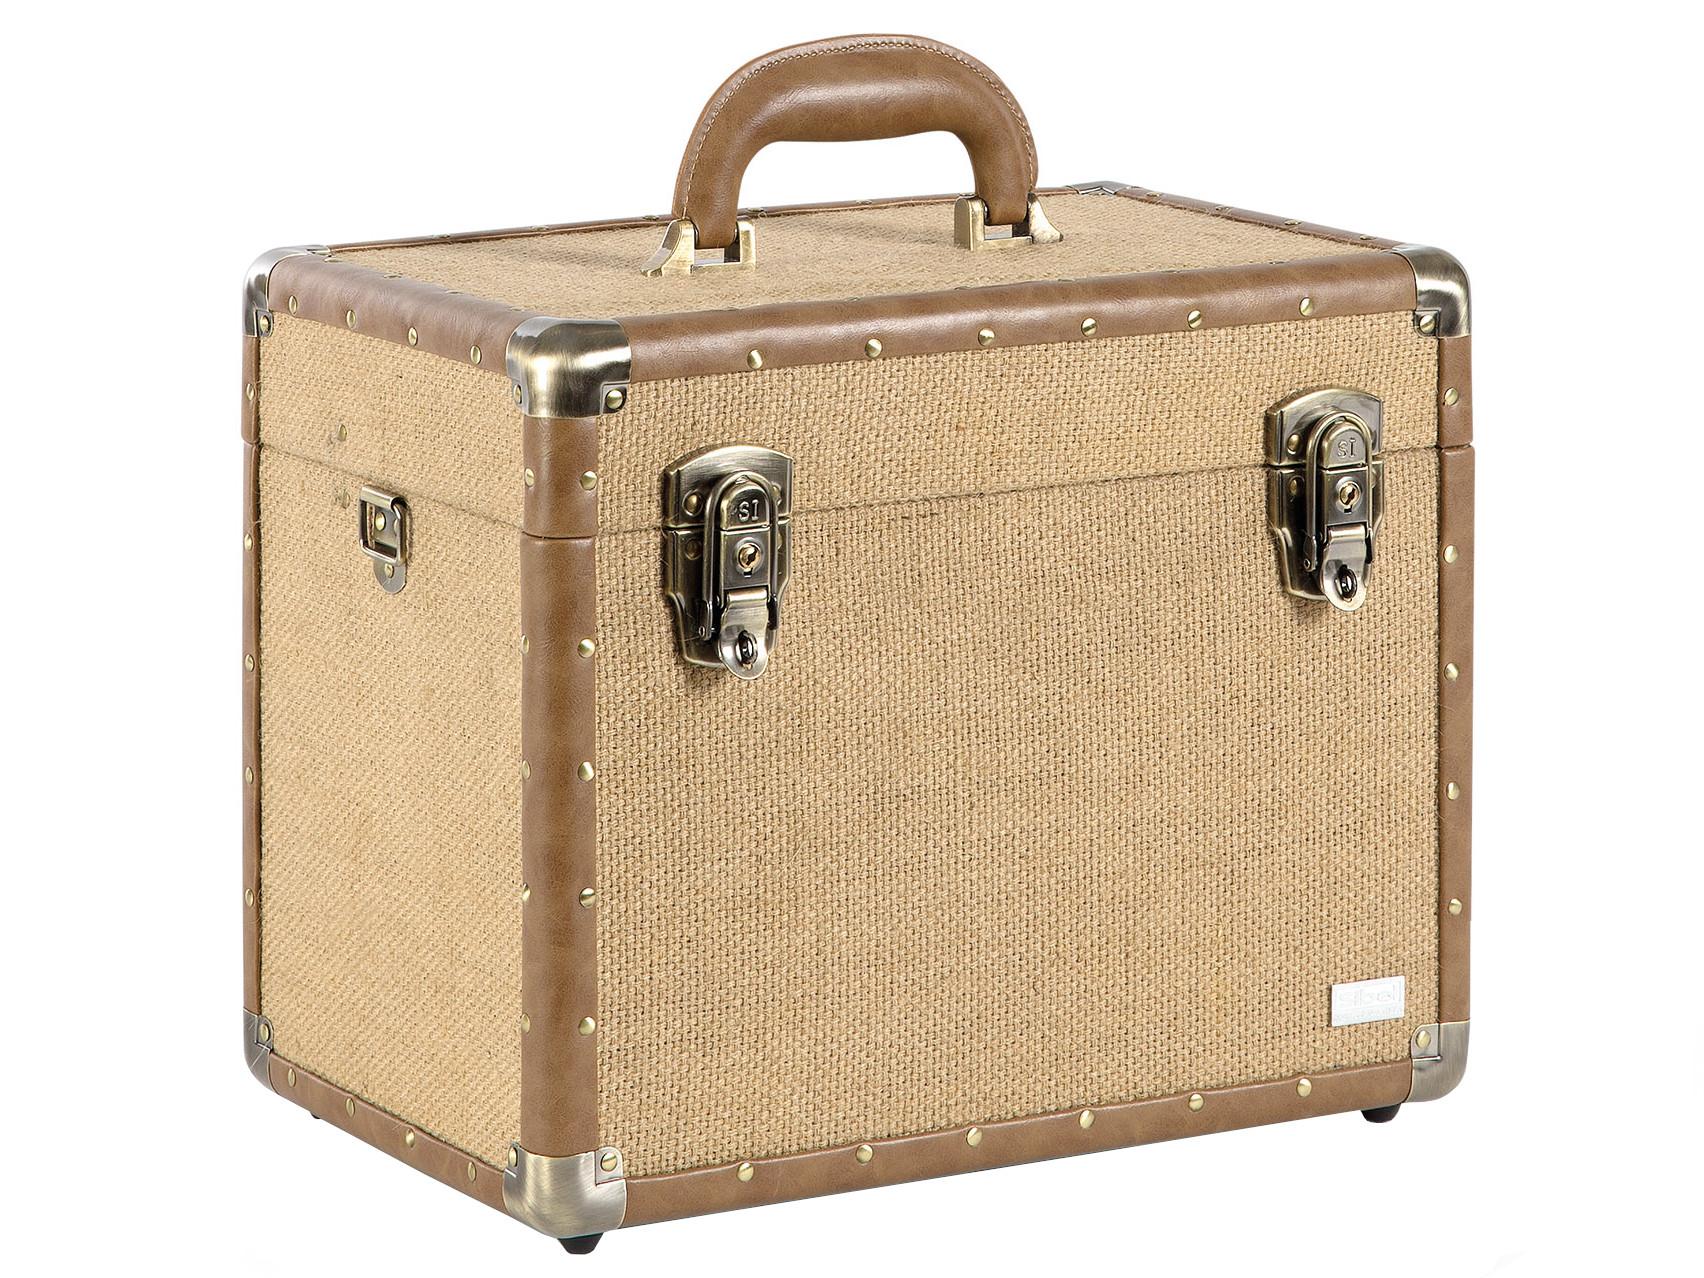 Kadeřnický a kosmetický kufr Sibel Vanity - hnědá (0150861) + DÁREK ZDARMA